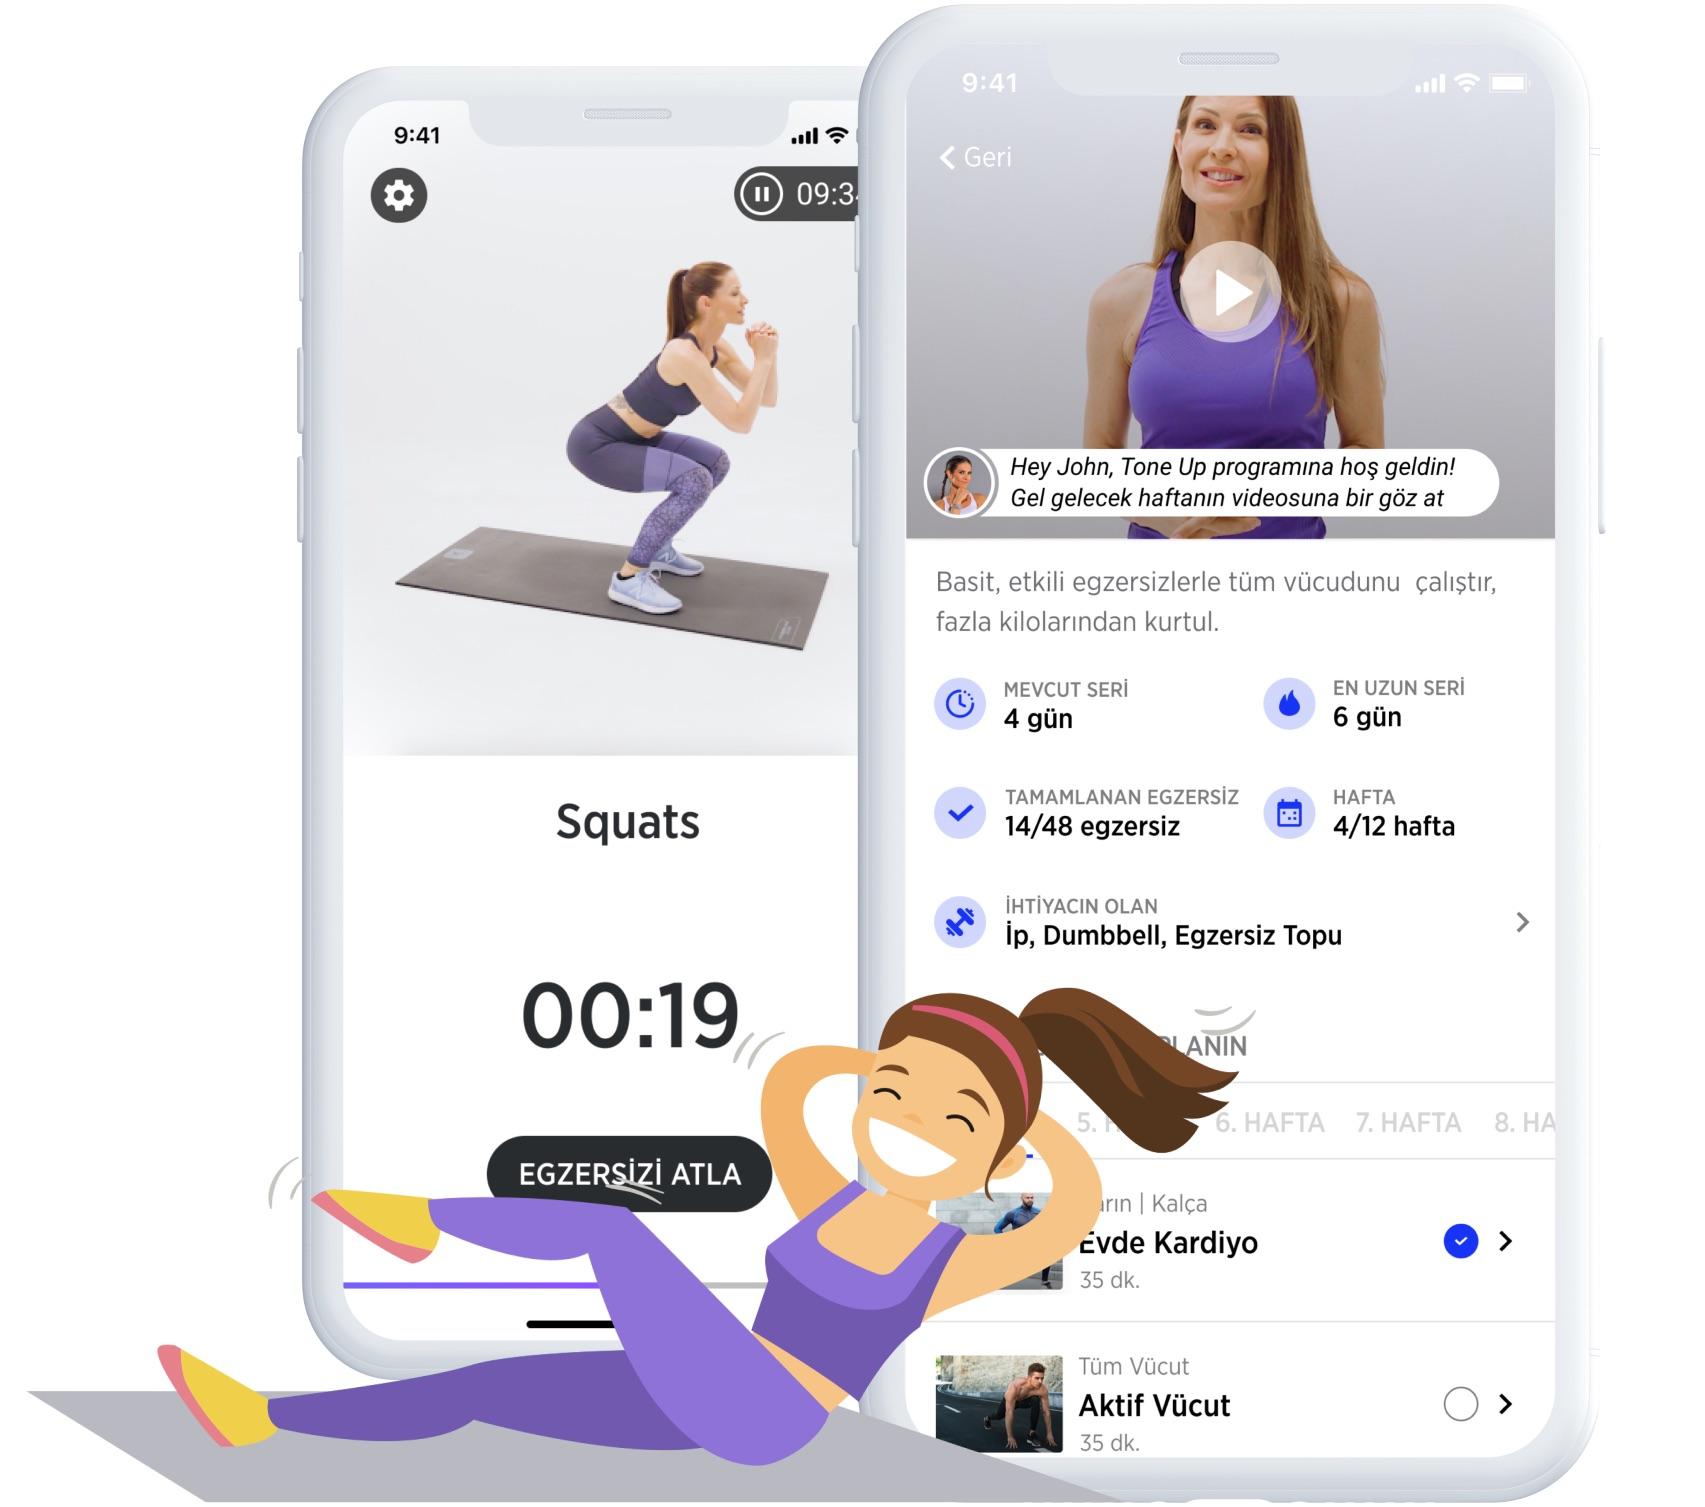 Yeni Gelir Elde Etme Yöntemleri - Eğer sende de sağlıklı yaşama ve yaşatma tutkusu varsa ve dünya çapında daha fazla insana ulaşmak istiyorsan, Fitwell'in platformu ile hepsi mümkün.